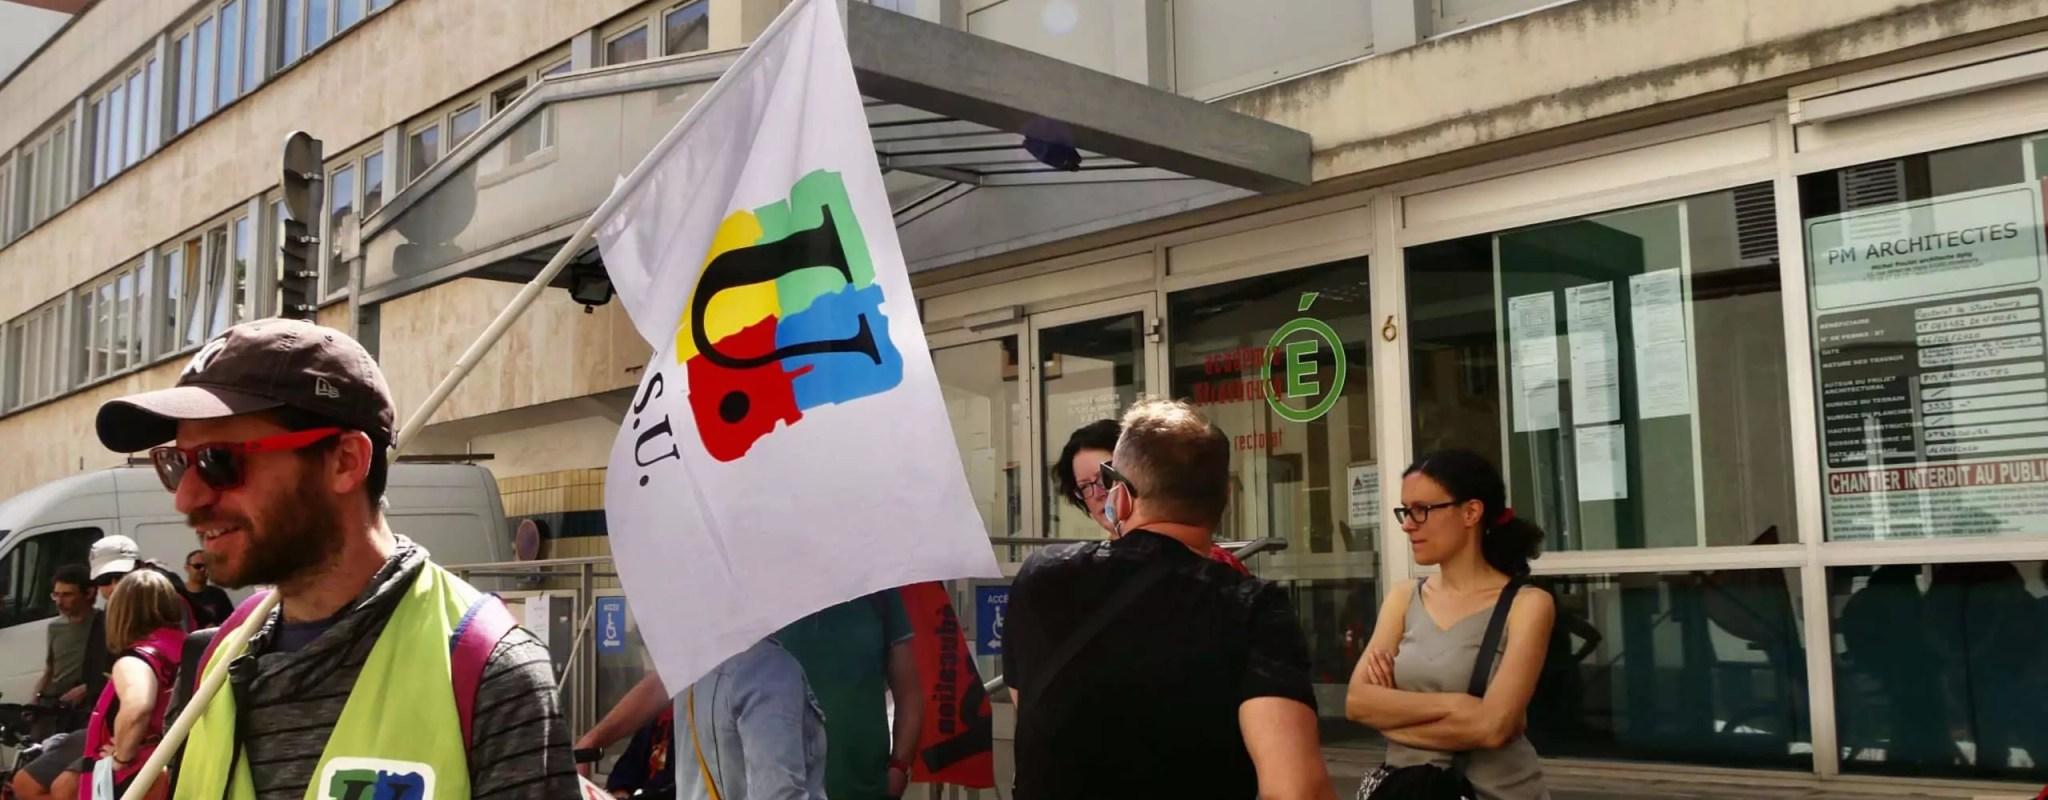 Craignant des dizaines de suppressions de postes de professeurs, des syndicats se rassemblent devant le Rectorat vendredi